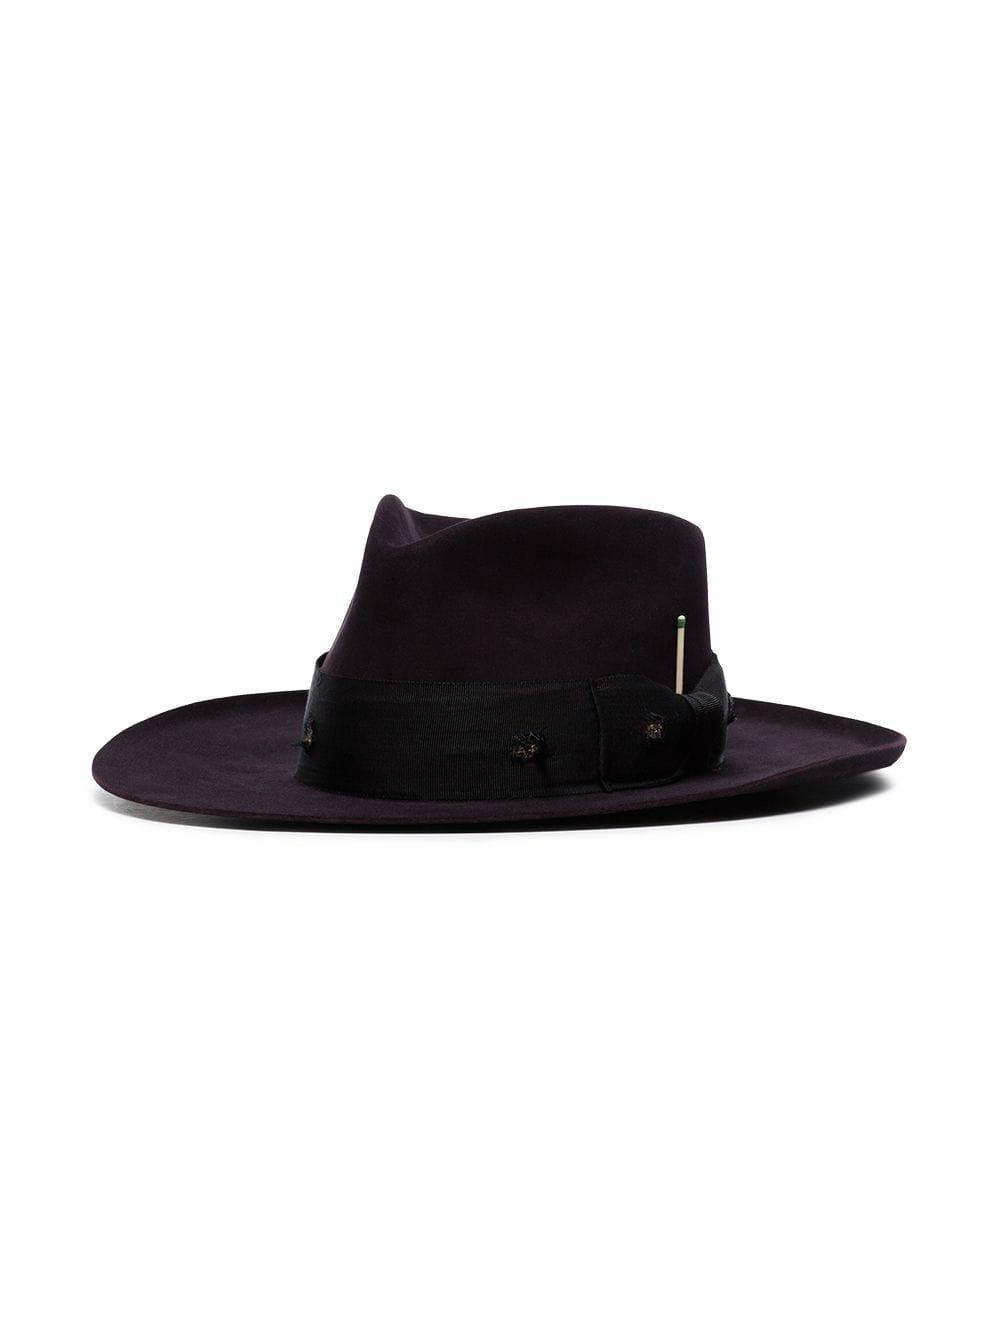 4660a65fc8ba4 Nick Fouquet Midnight Purple Buena Vista Ribbon Embellished Fur Hat ...